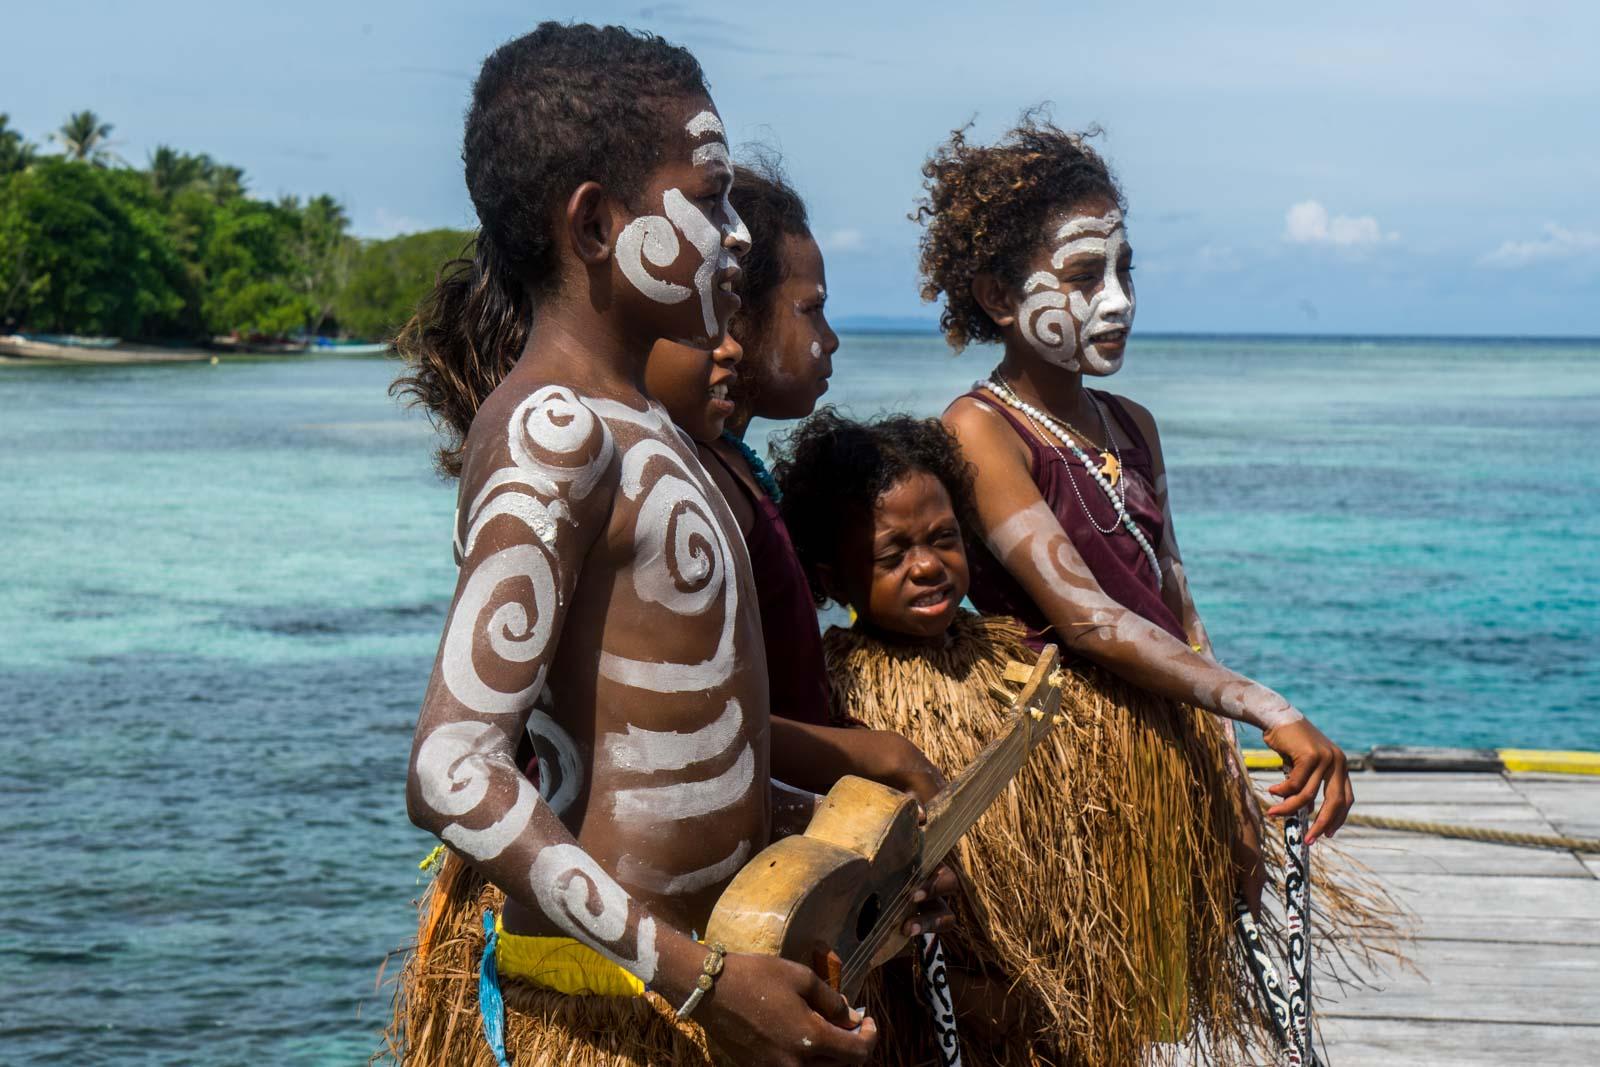 Arborek Village, West Papua, Indonesia